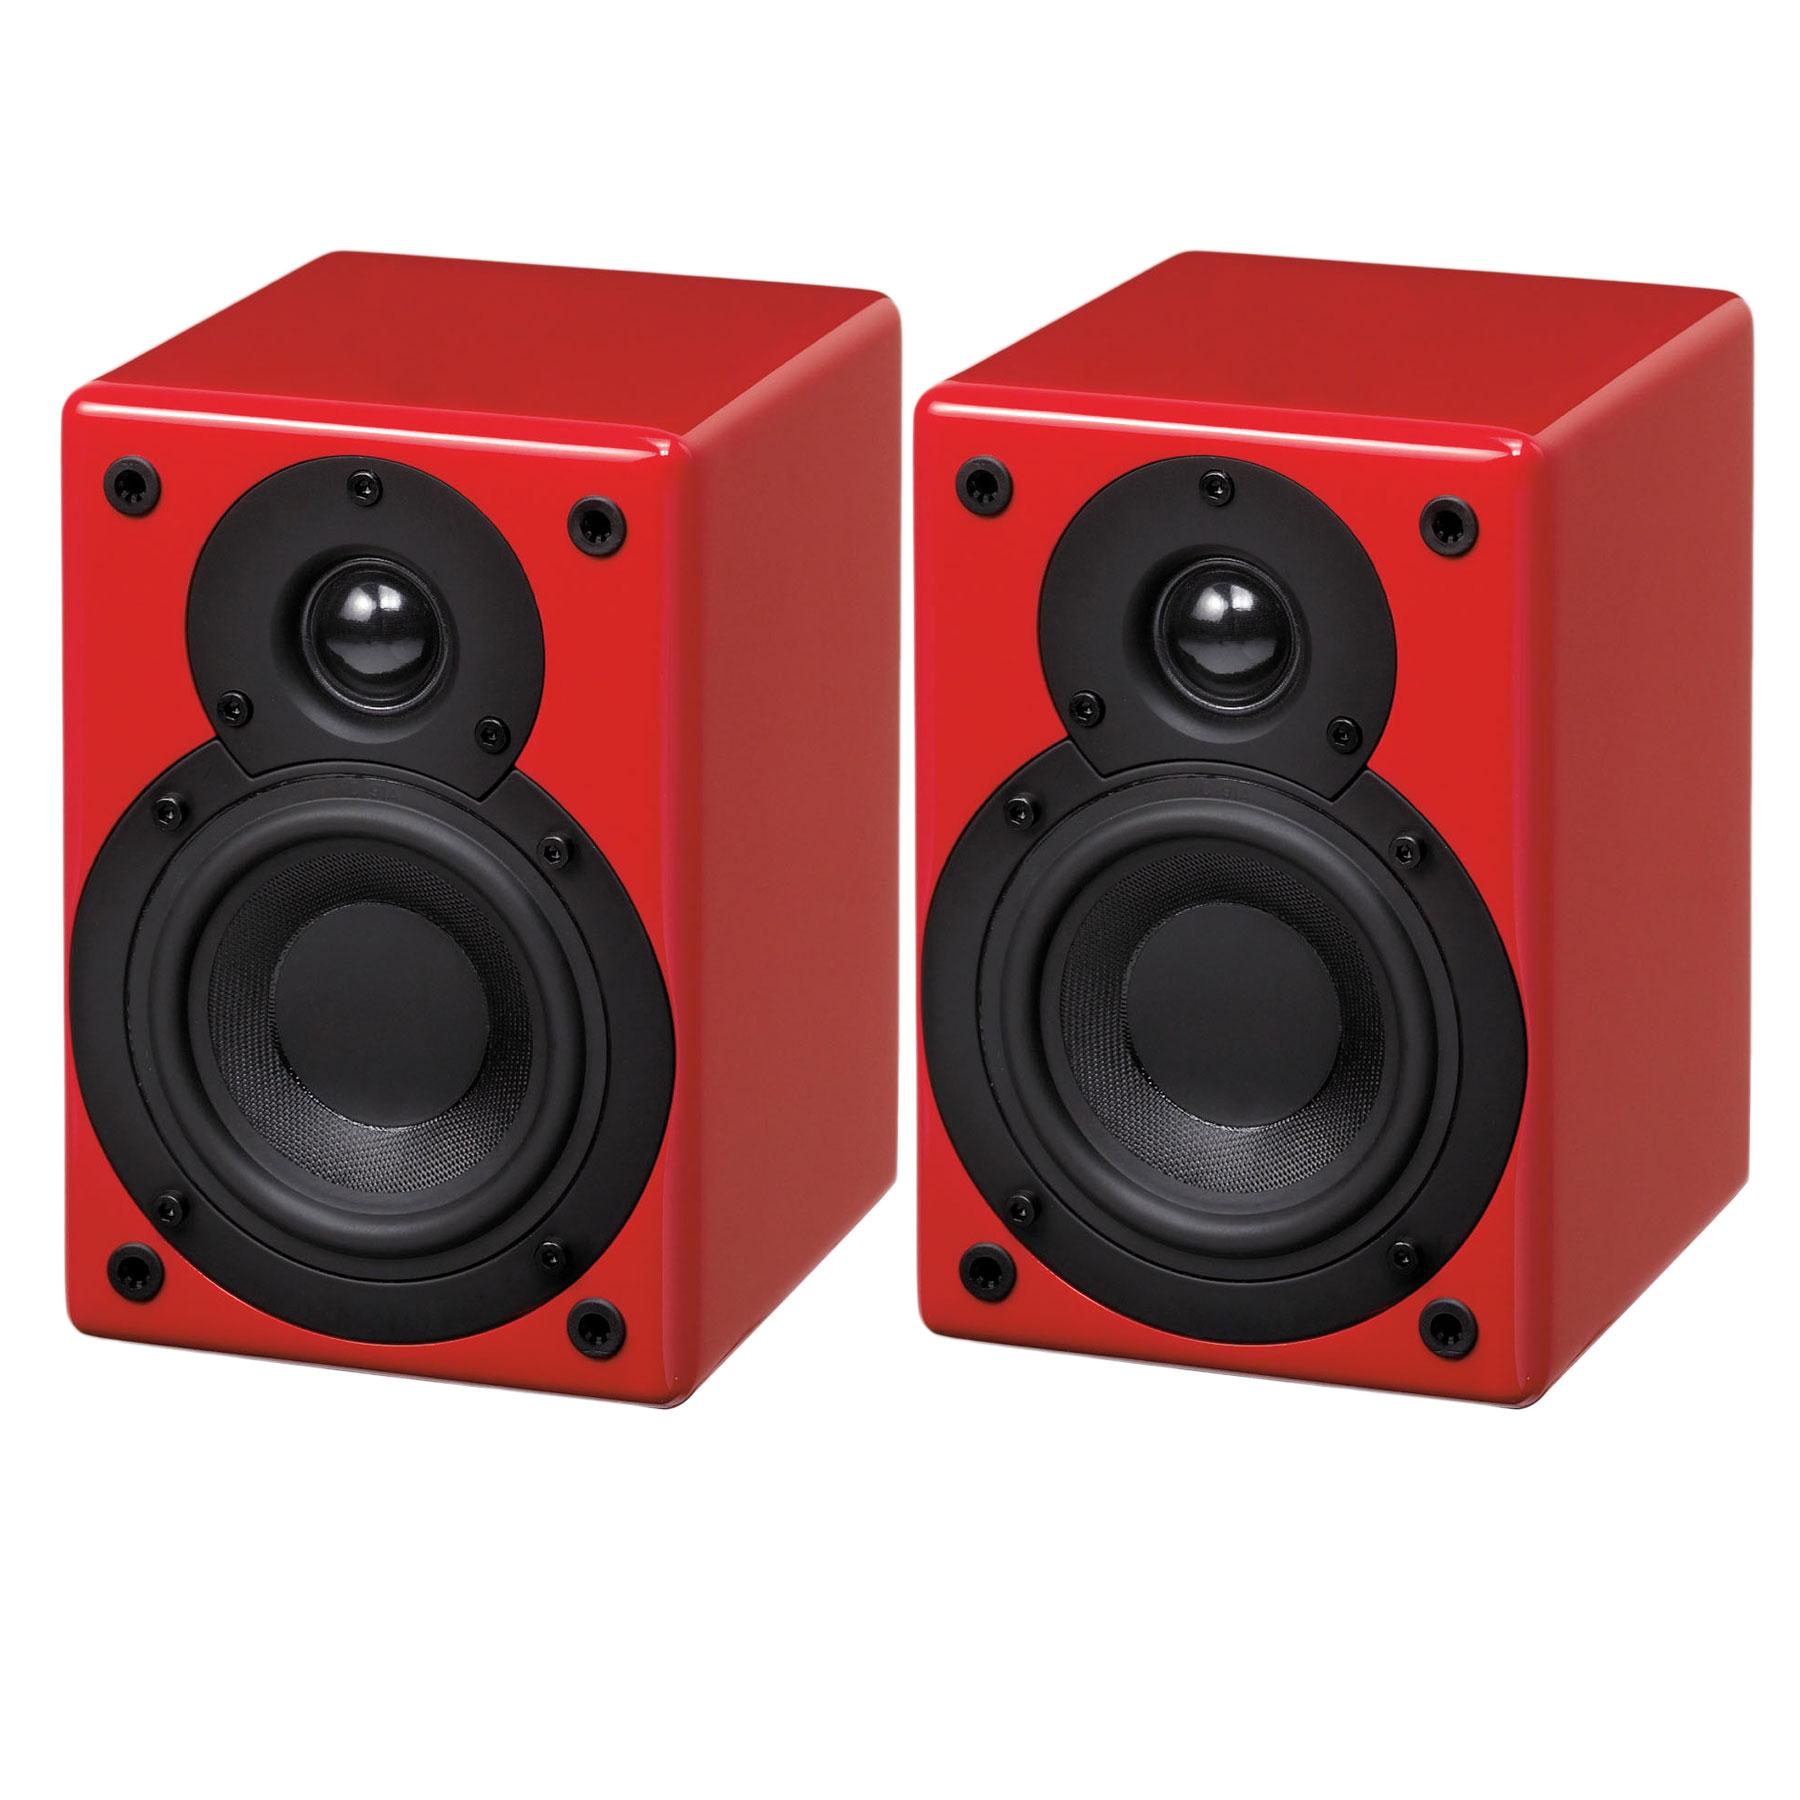 scansonic s3 active rouge s3 active rouge la paire achat vente enceintes hifi sur. Black Bedroom Furniture Sets. Home Design Ideas